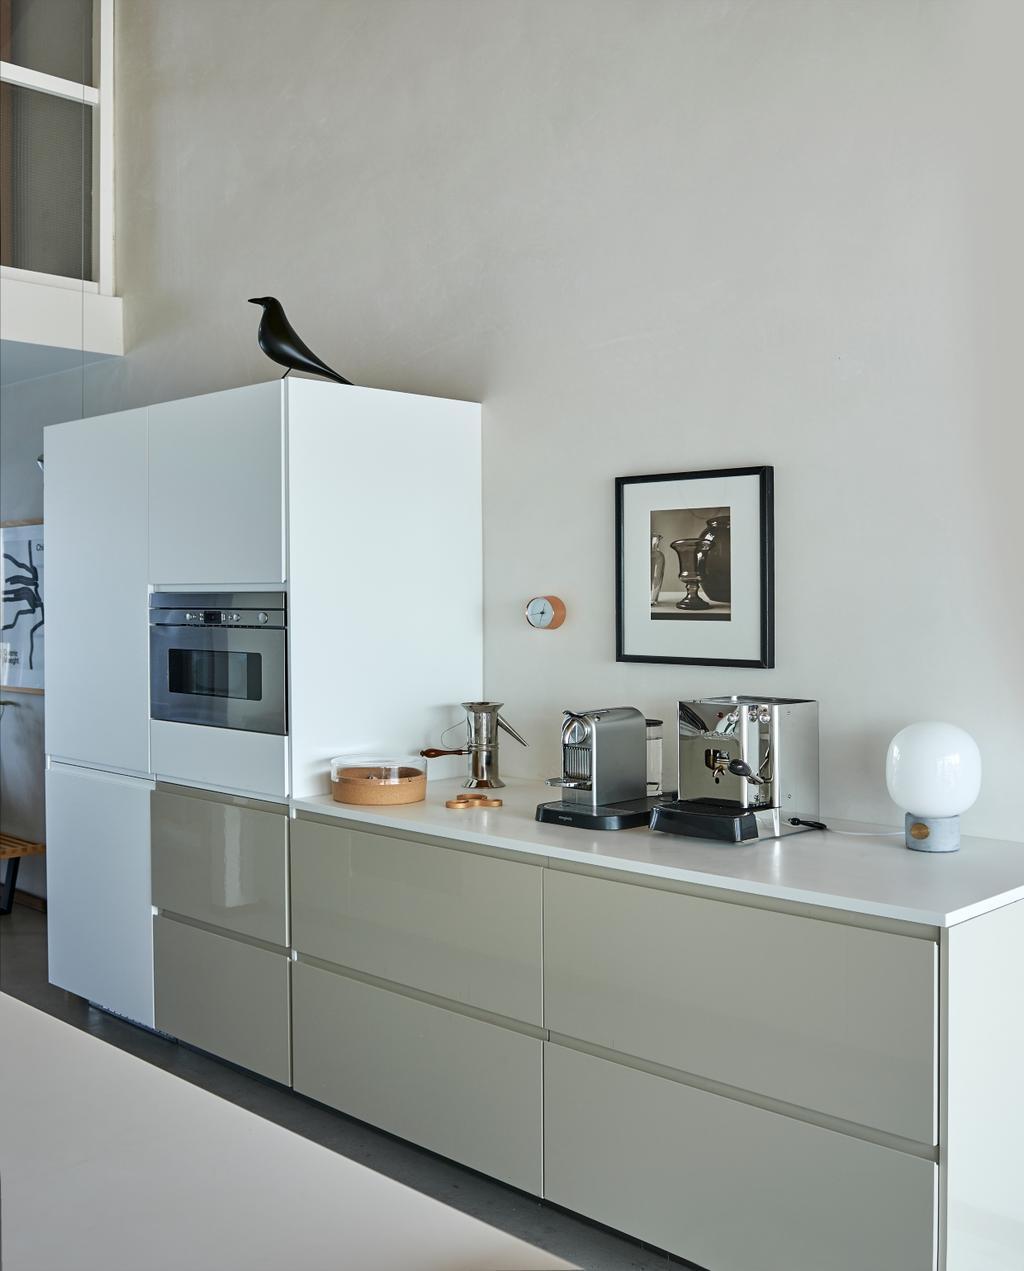 vtwonen binnenkijken 03-2020 | binnenkijken Amsterdam wit met grijze keuken